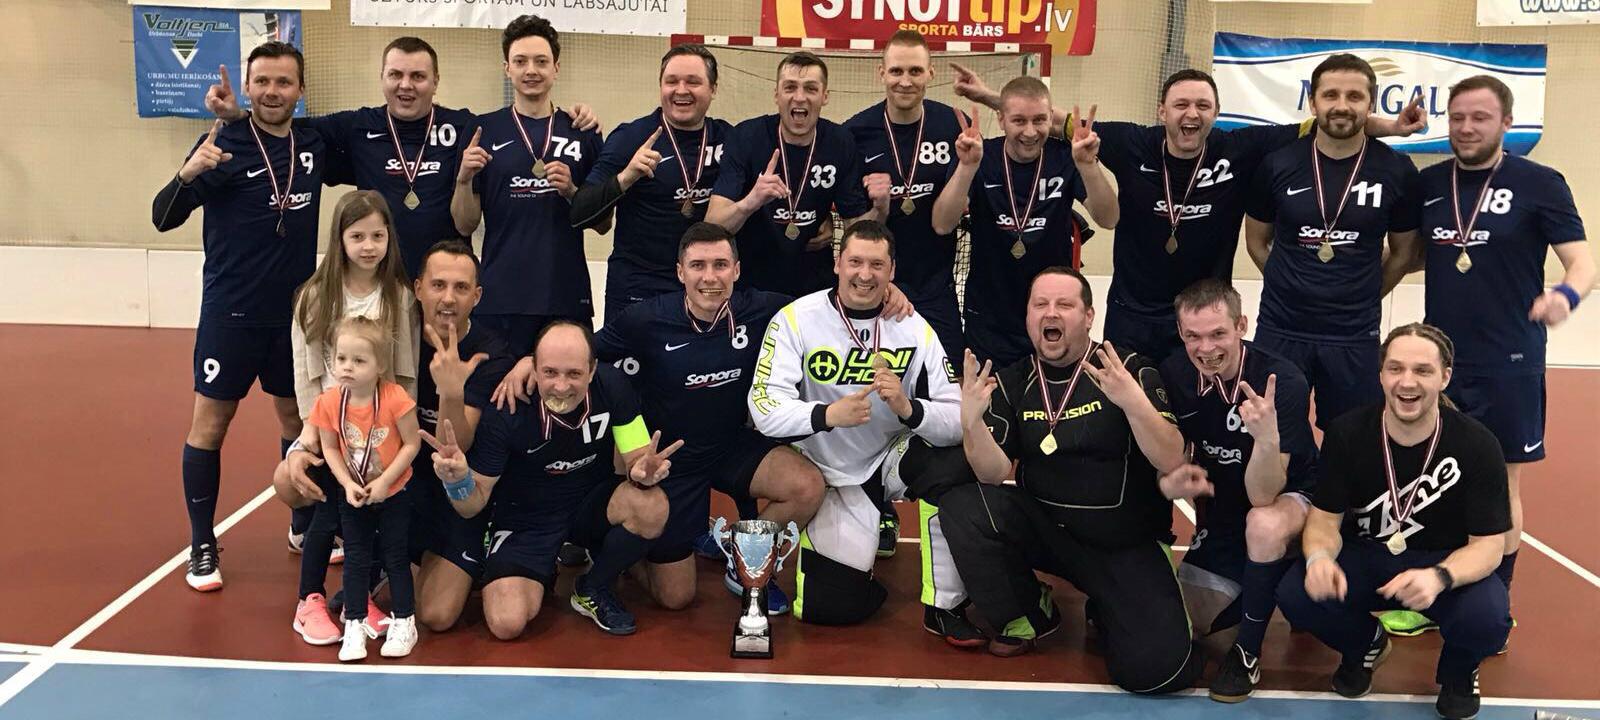 Флорбольная команда SONORA в очередной раз завоевывает чемпионский титул